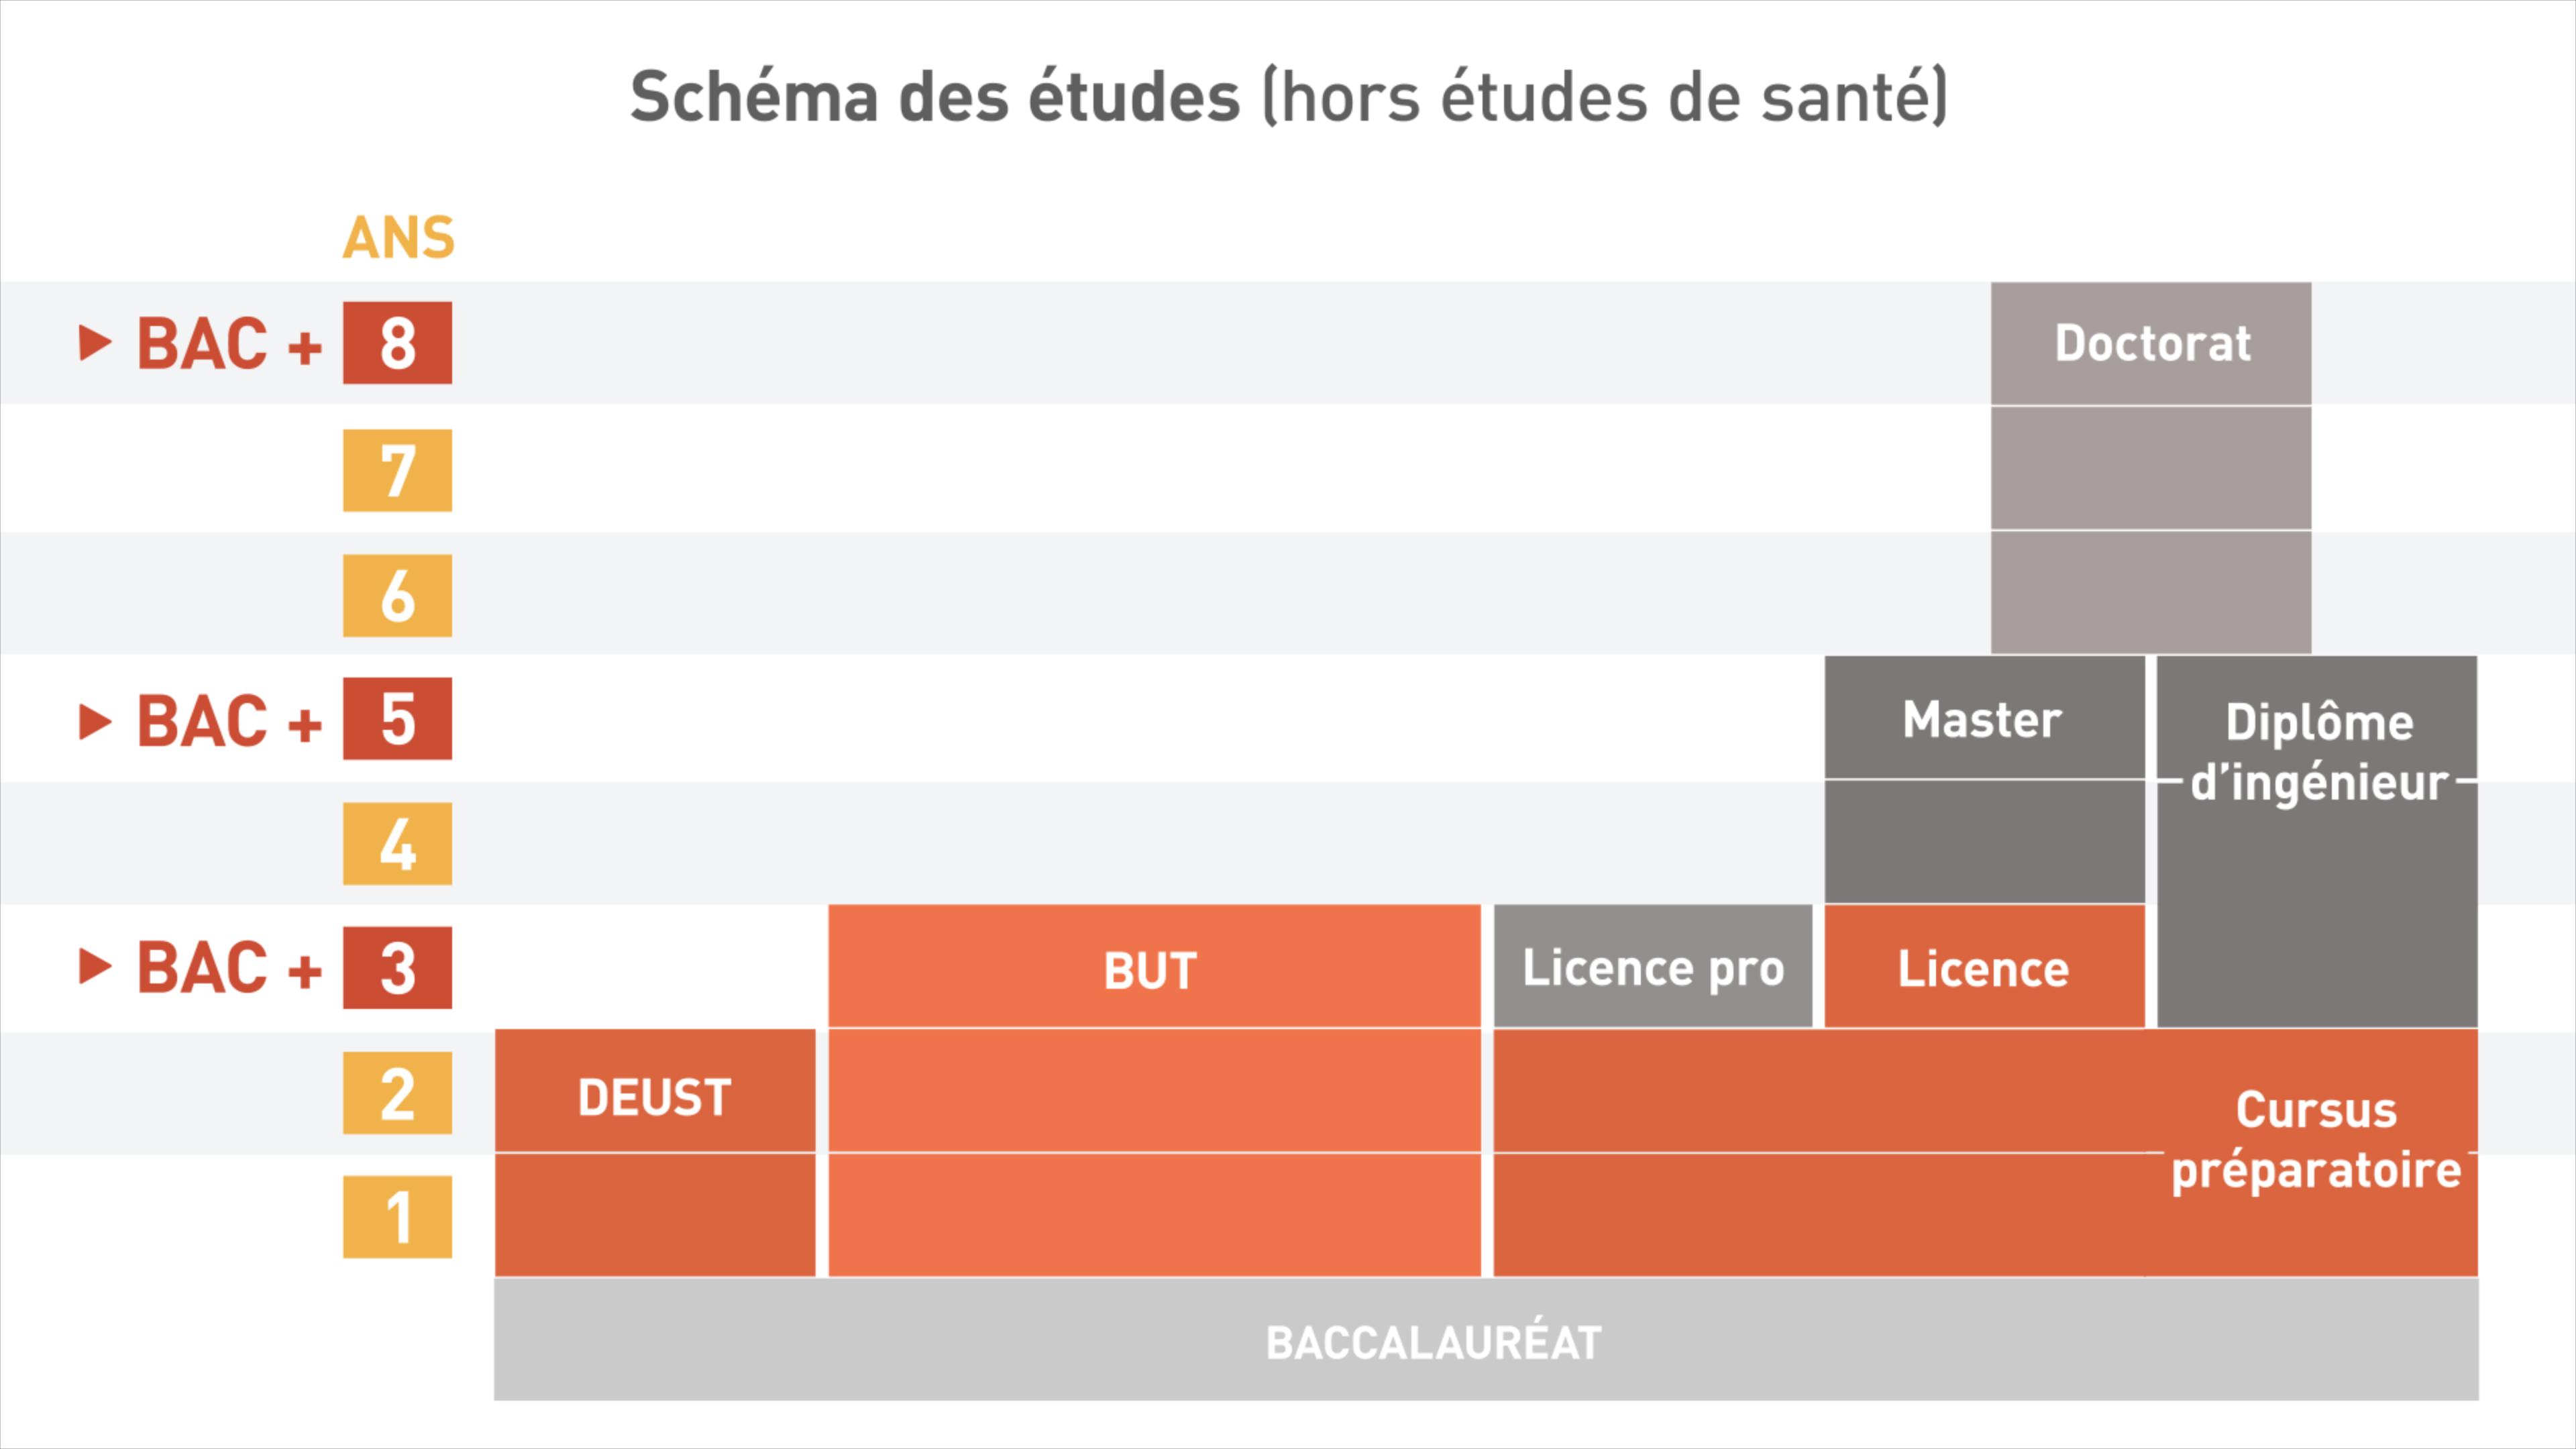 Schéma des études (hors parcours santé)